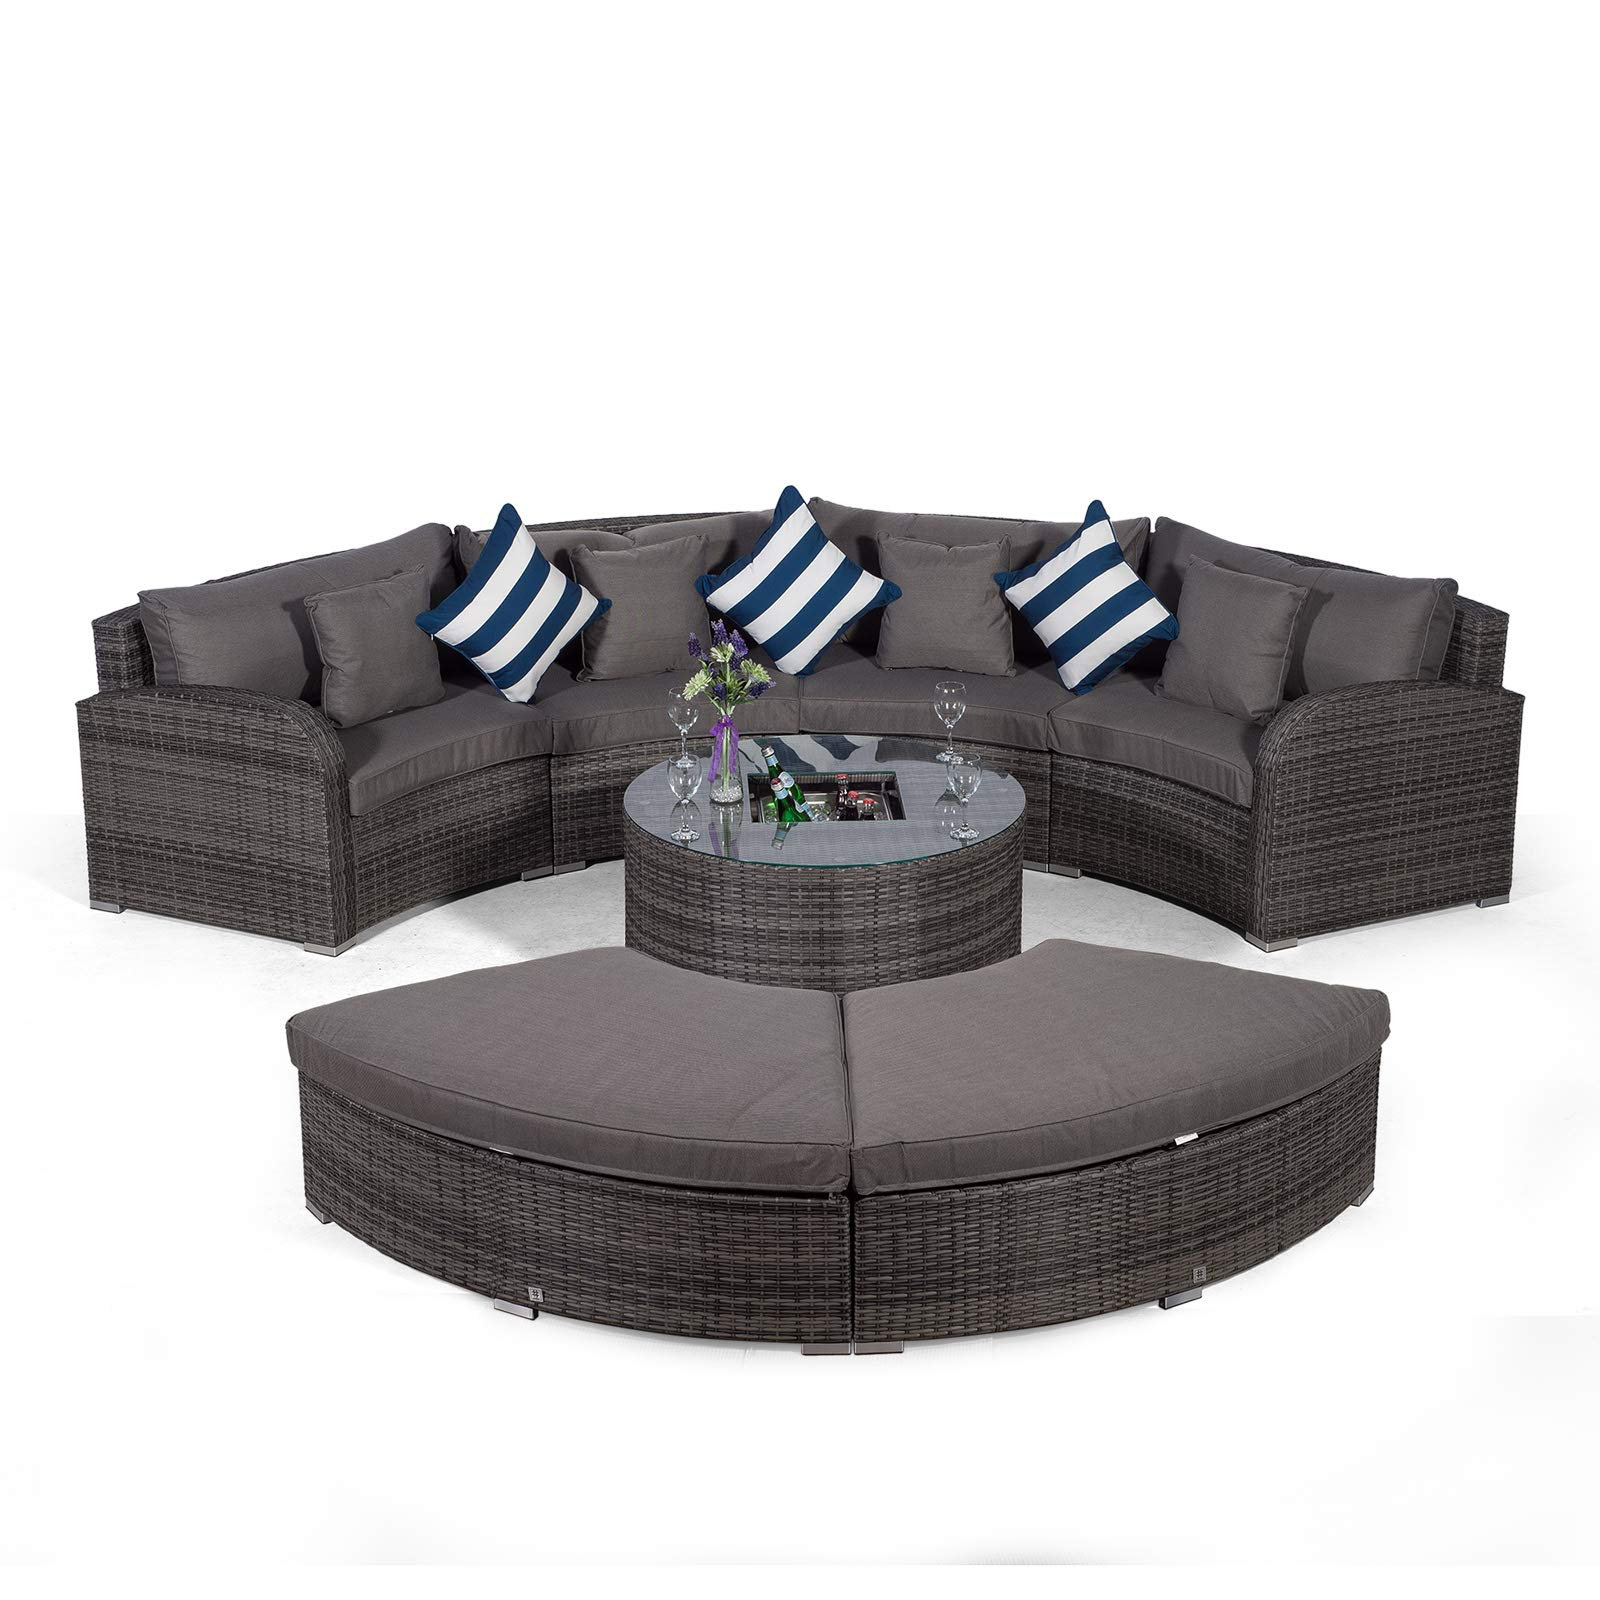 Set Giardino In Polyrattan.Giardino Riviera 4 Seat Grey Poly Rattan Garden Furniture Set